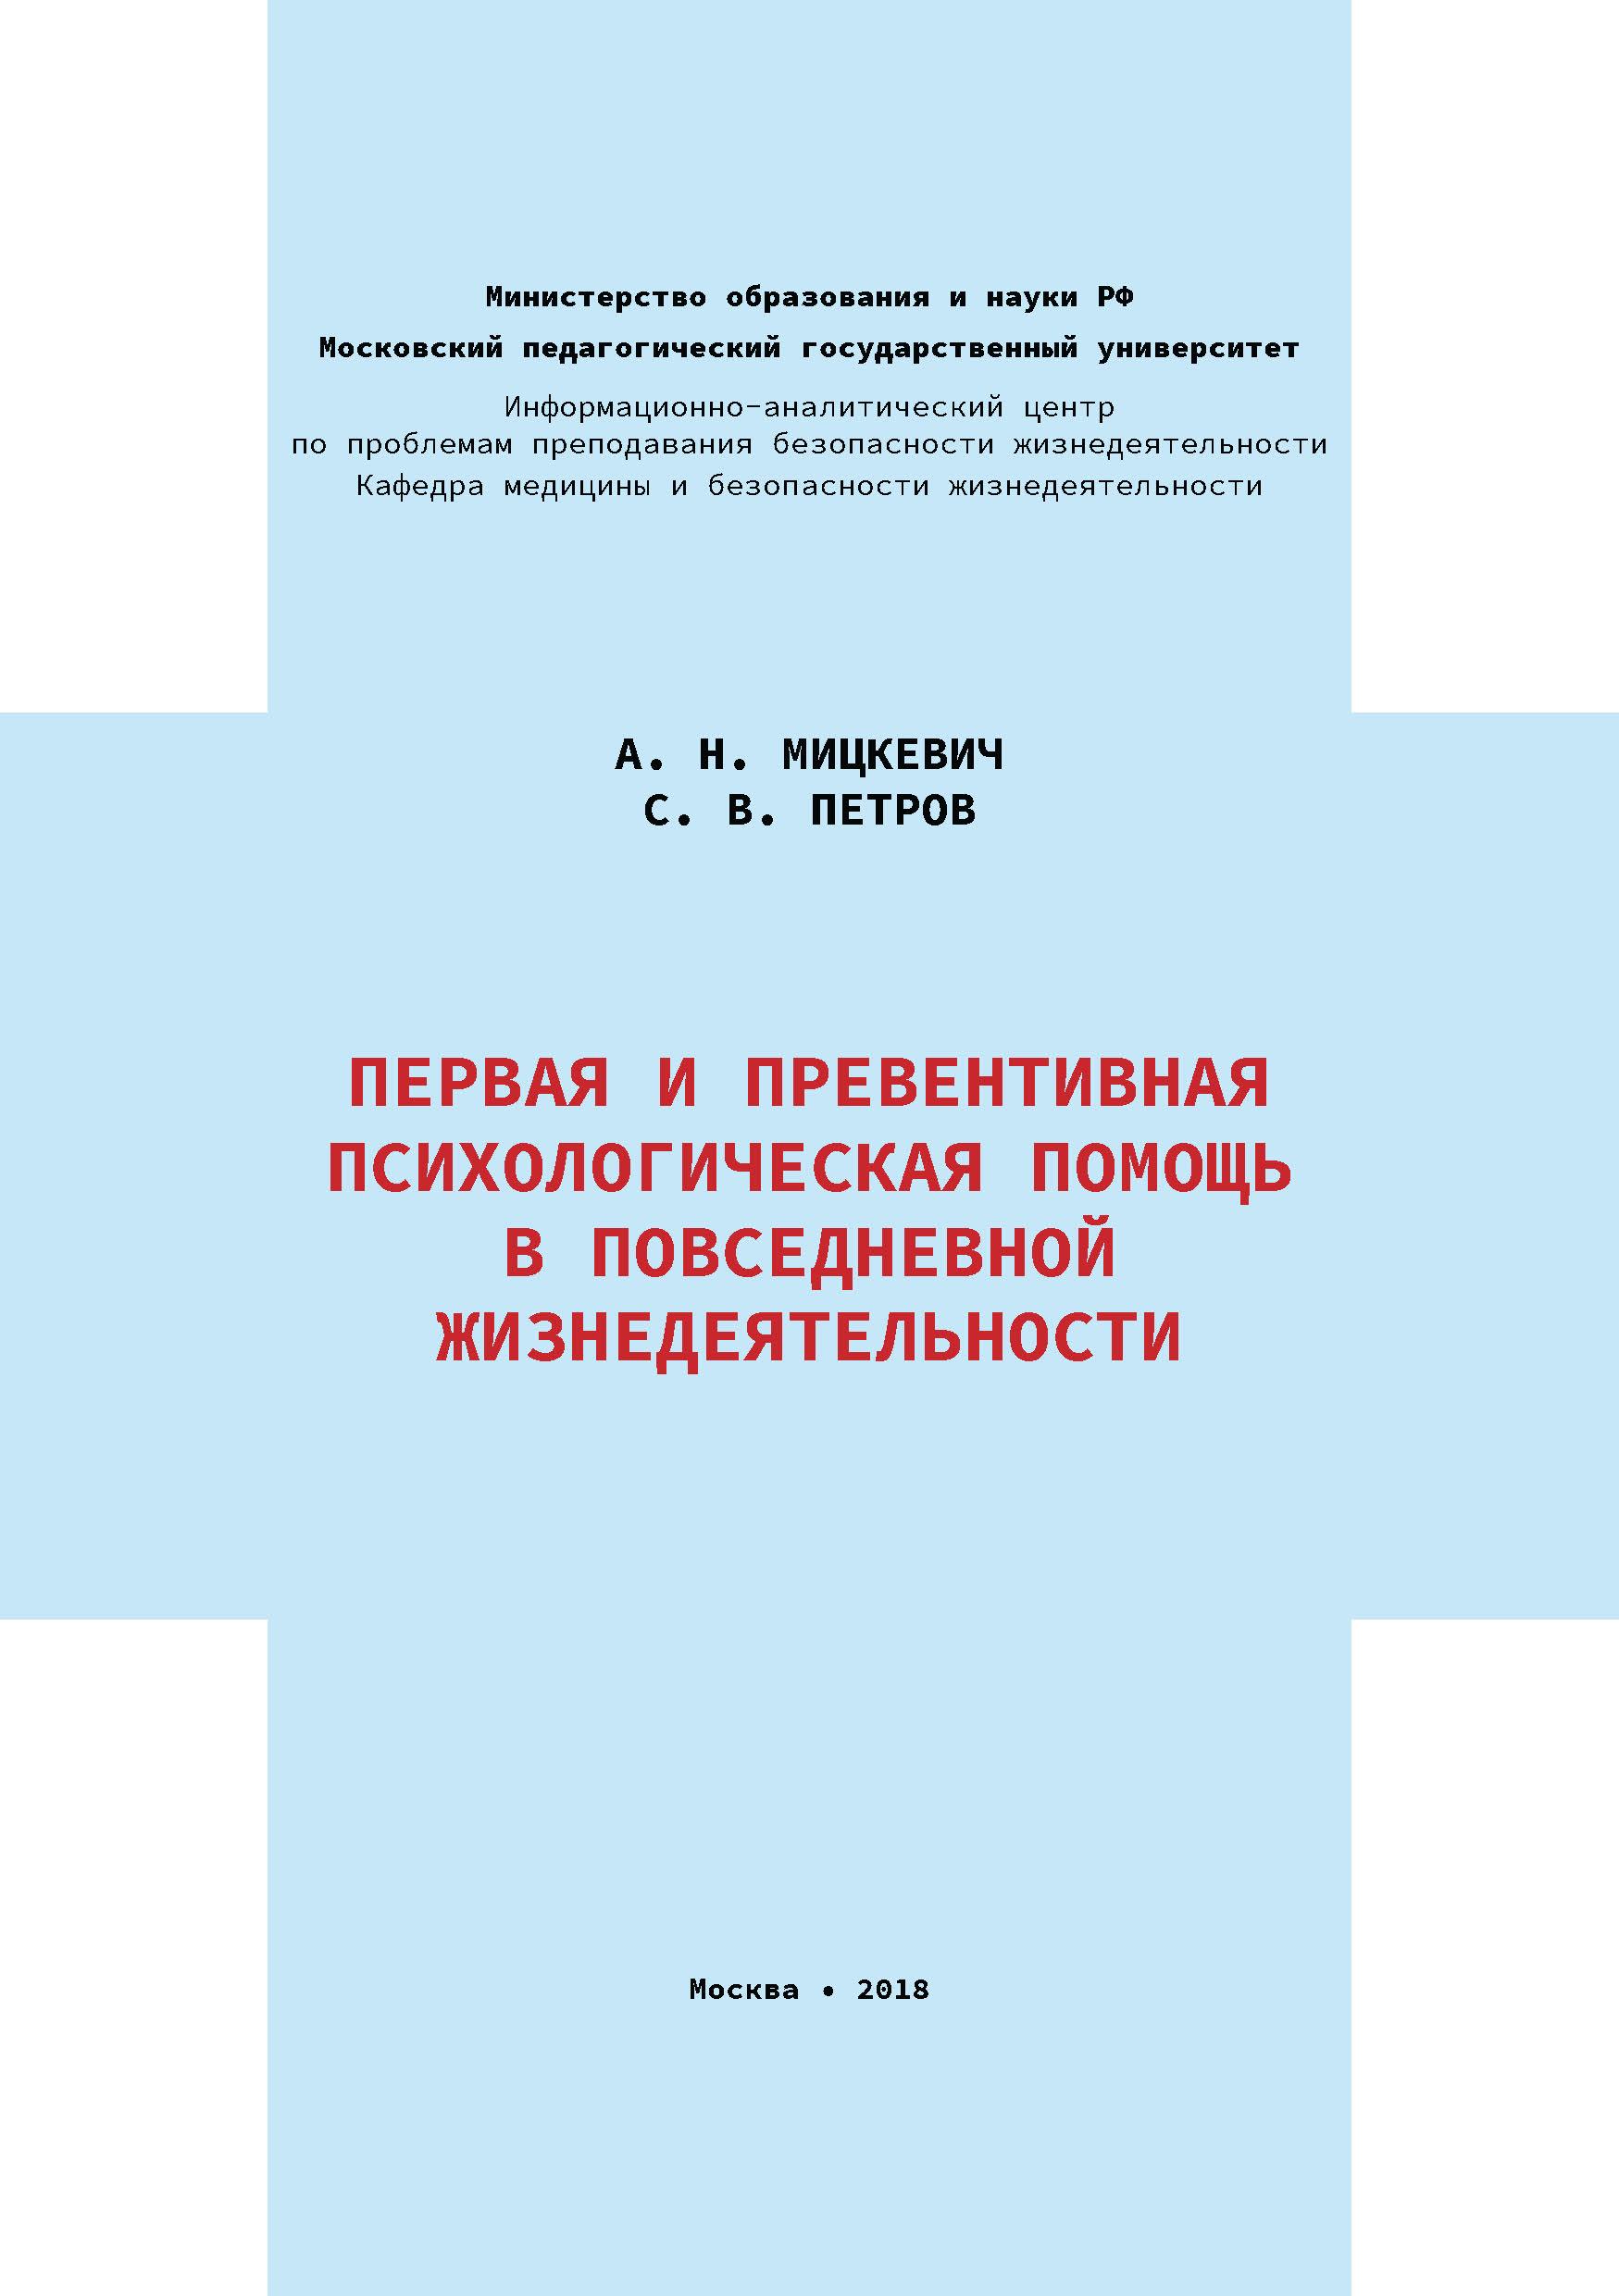 Сергей Петров Первая и превентивная психологическая помощь в повседневной жизнедеятельности